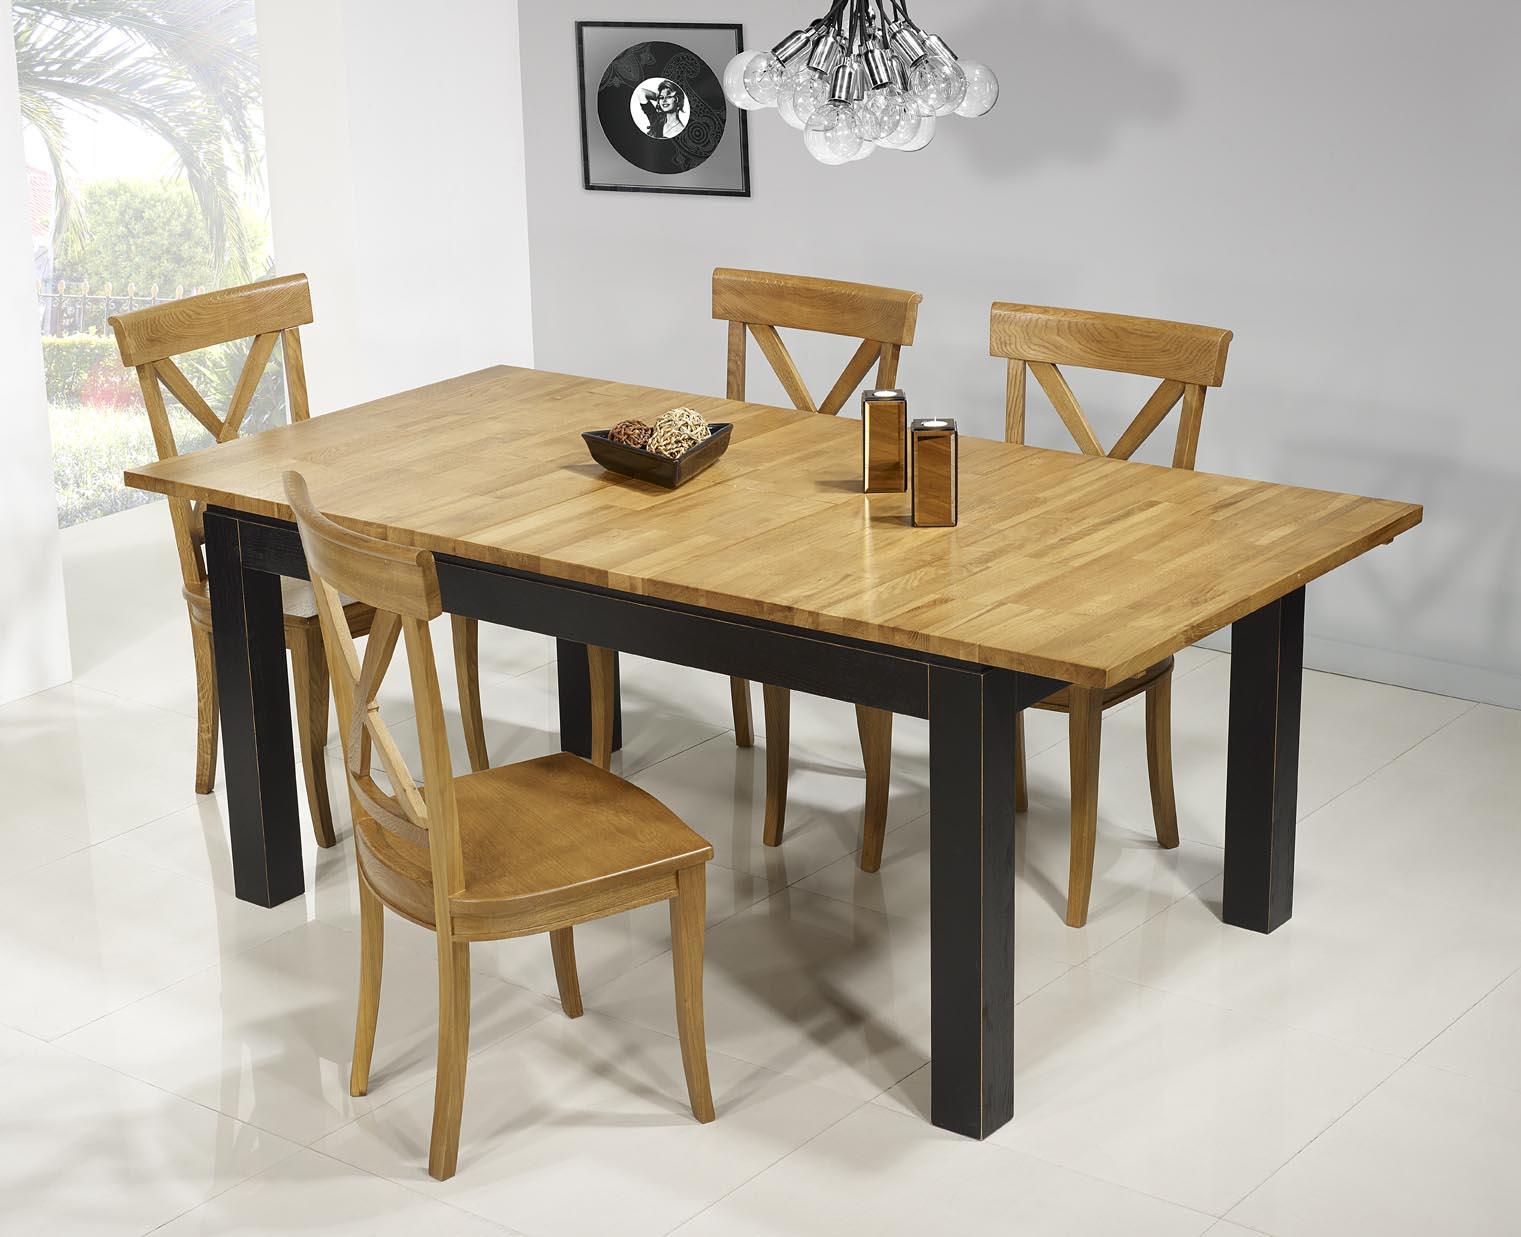 table de repas rectangulaire 160x100 th o en ch ne ligne contemporaine version ecologique et bi. Black Bedroom Furniture Sets. Home Design Ideas